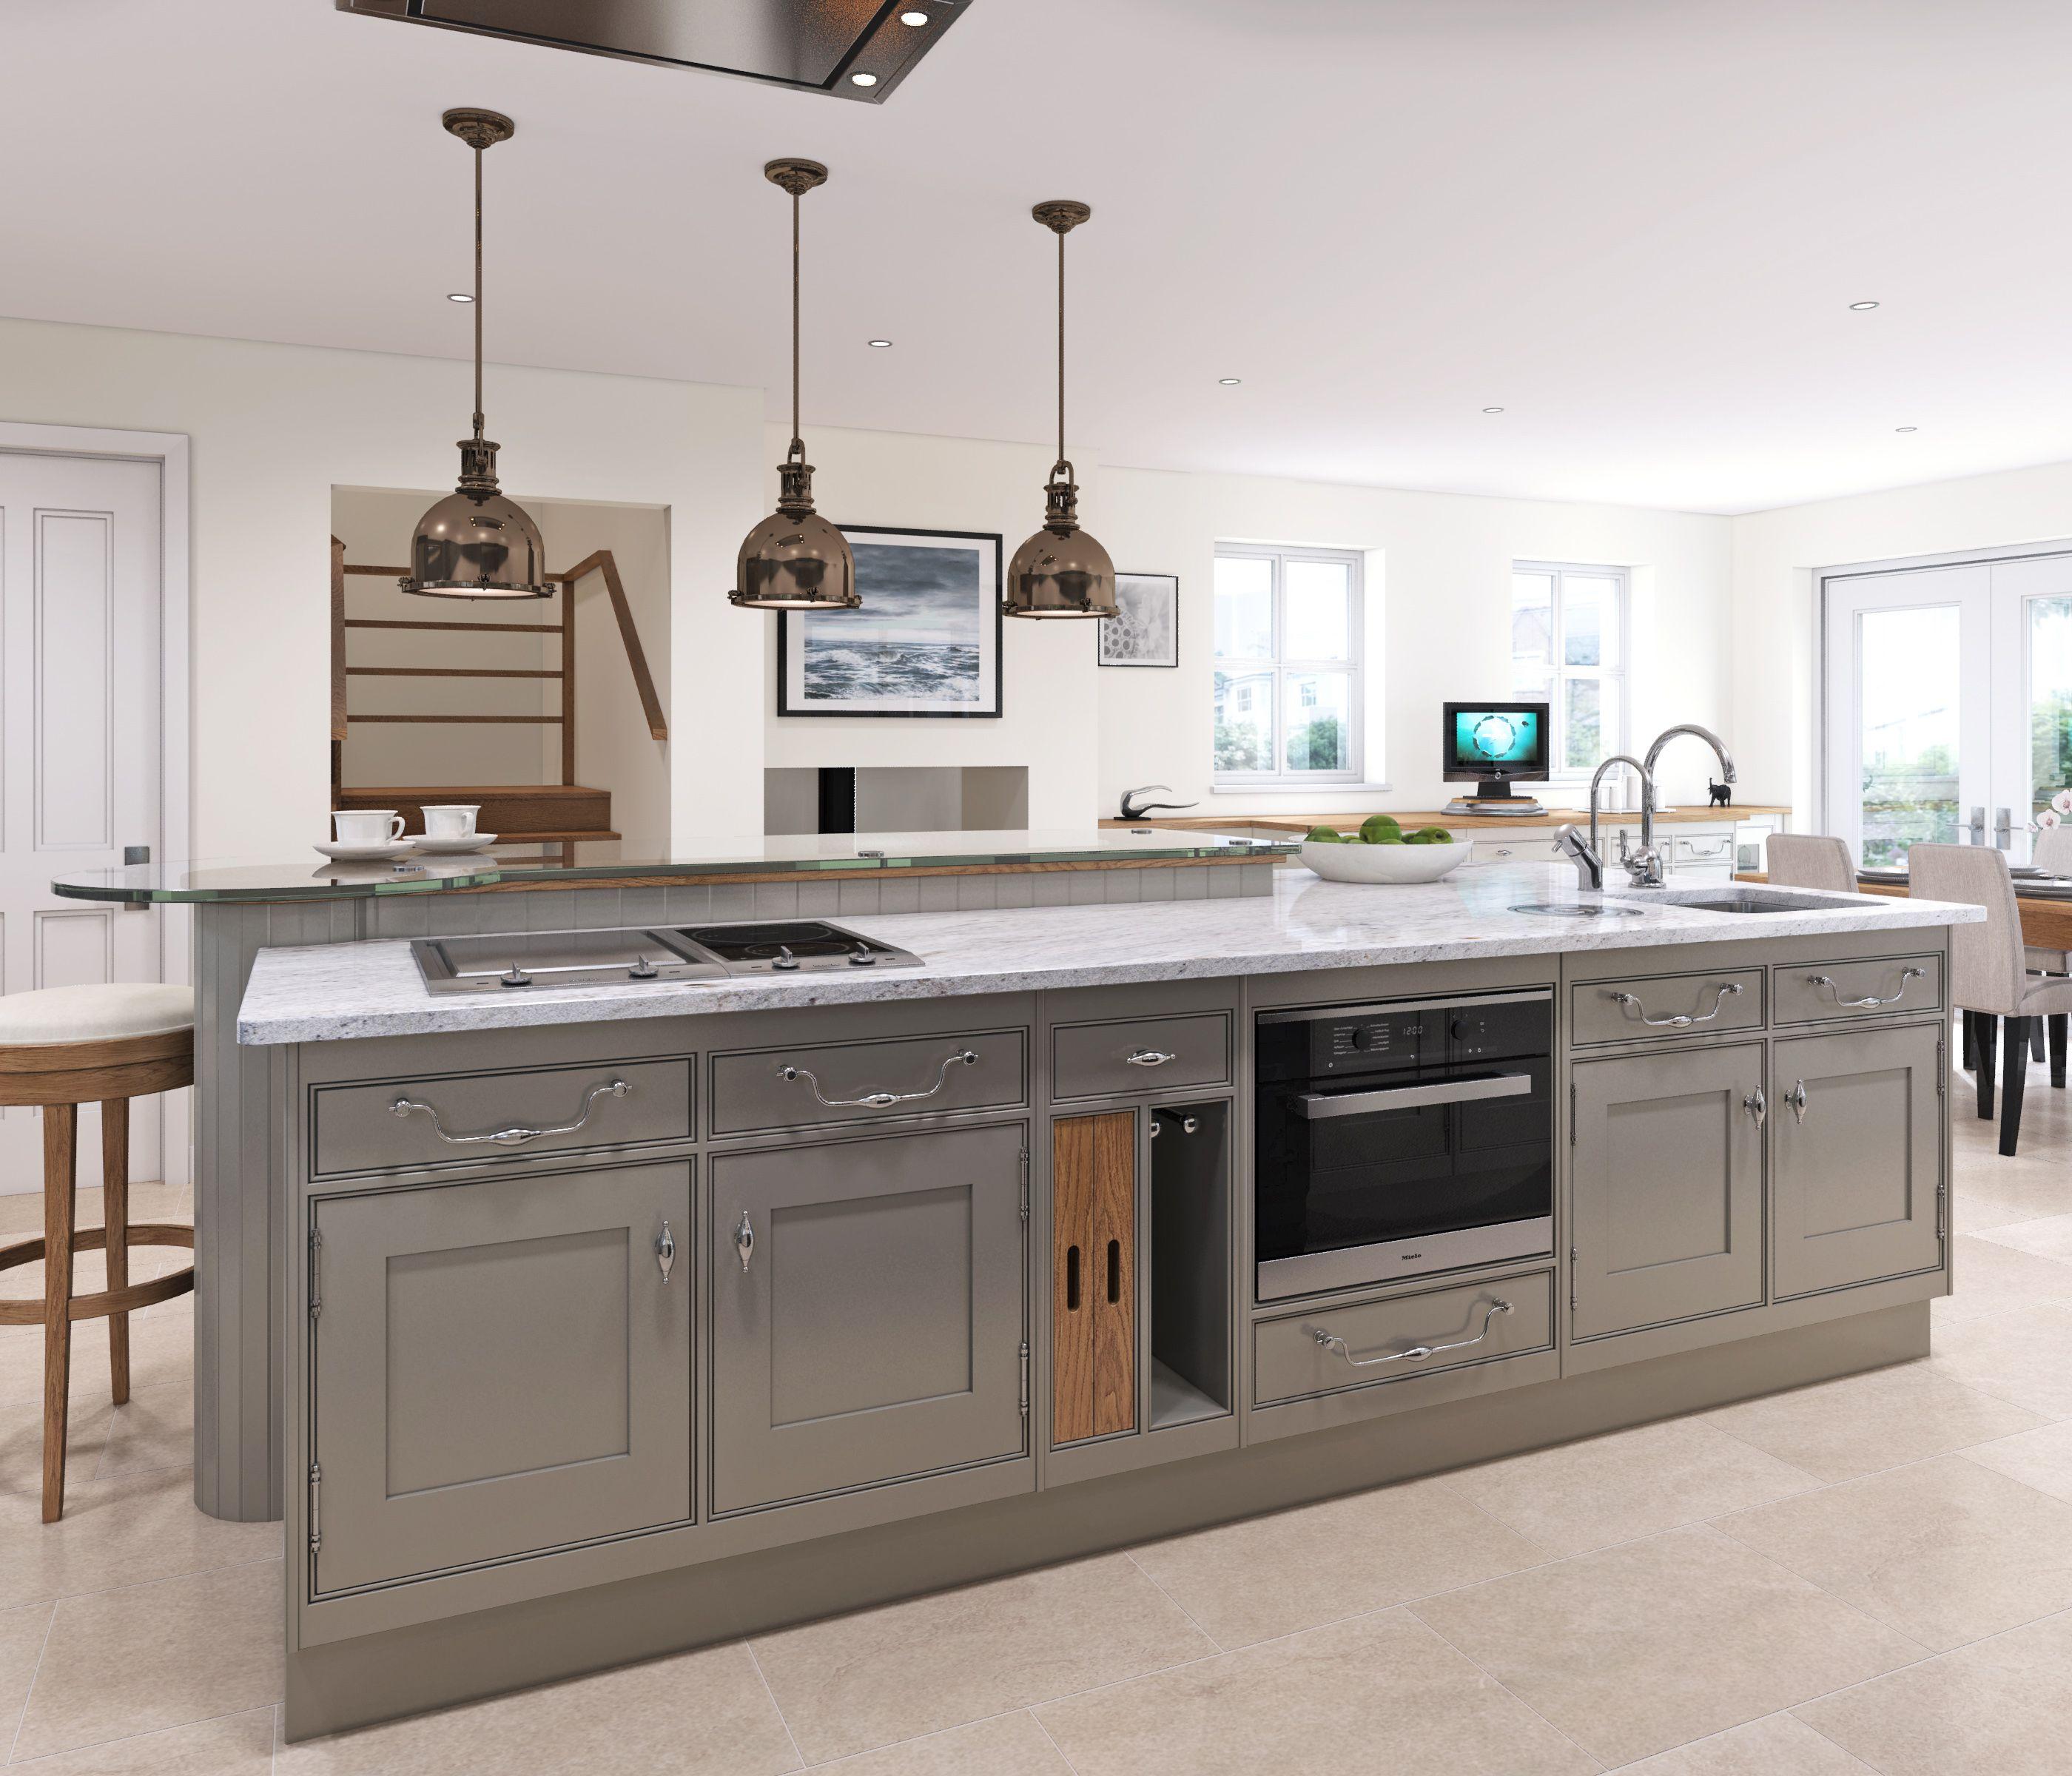 Mark Wilkinson Kitchen Kitchen design, Mark wilkinson